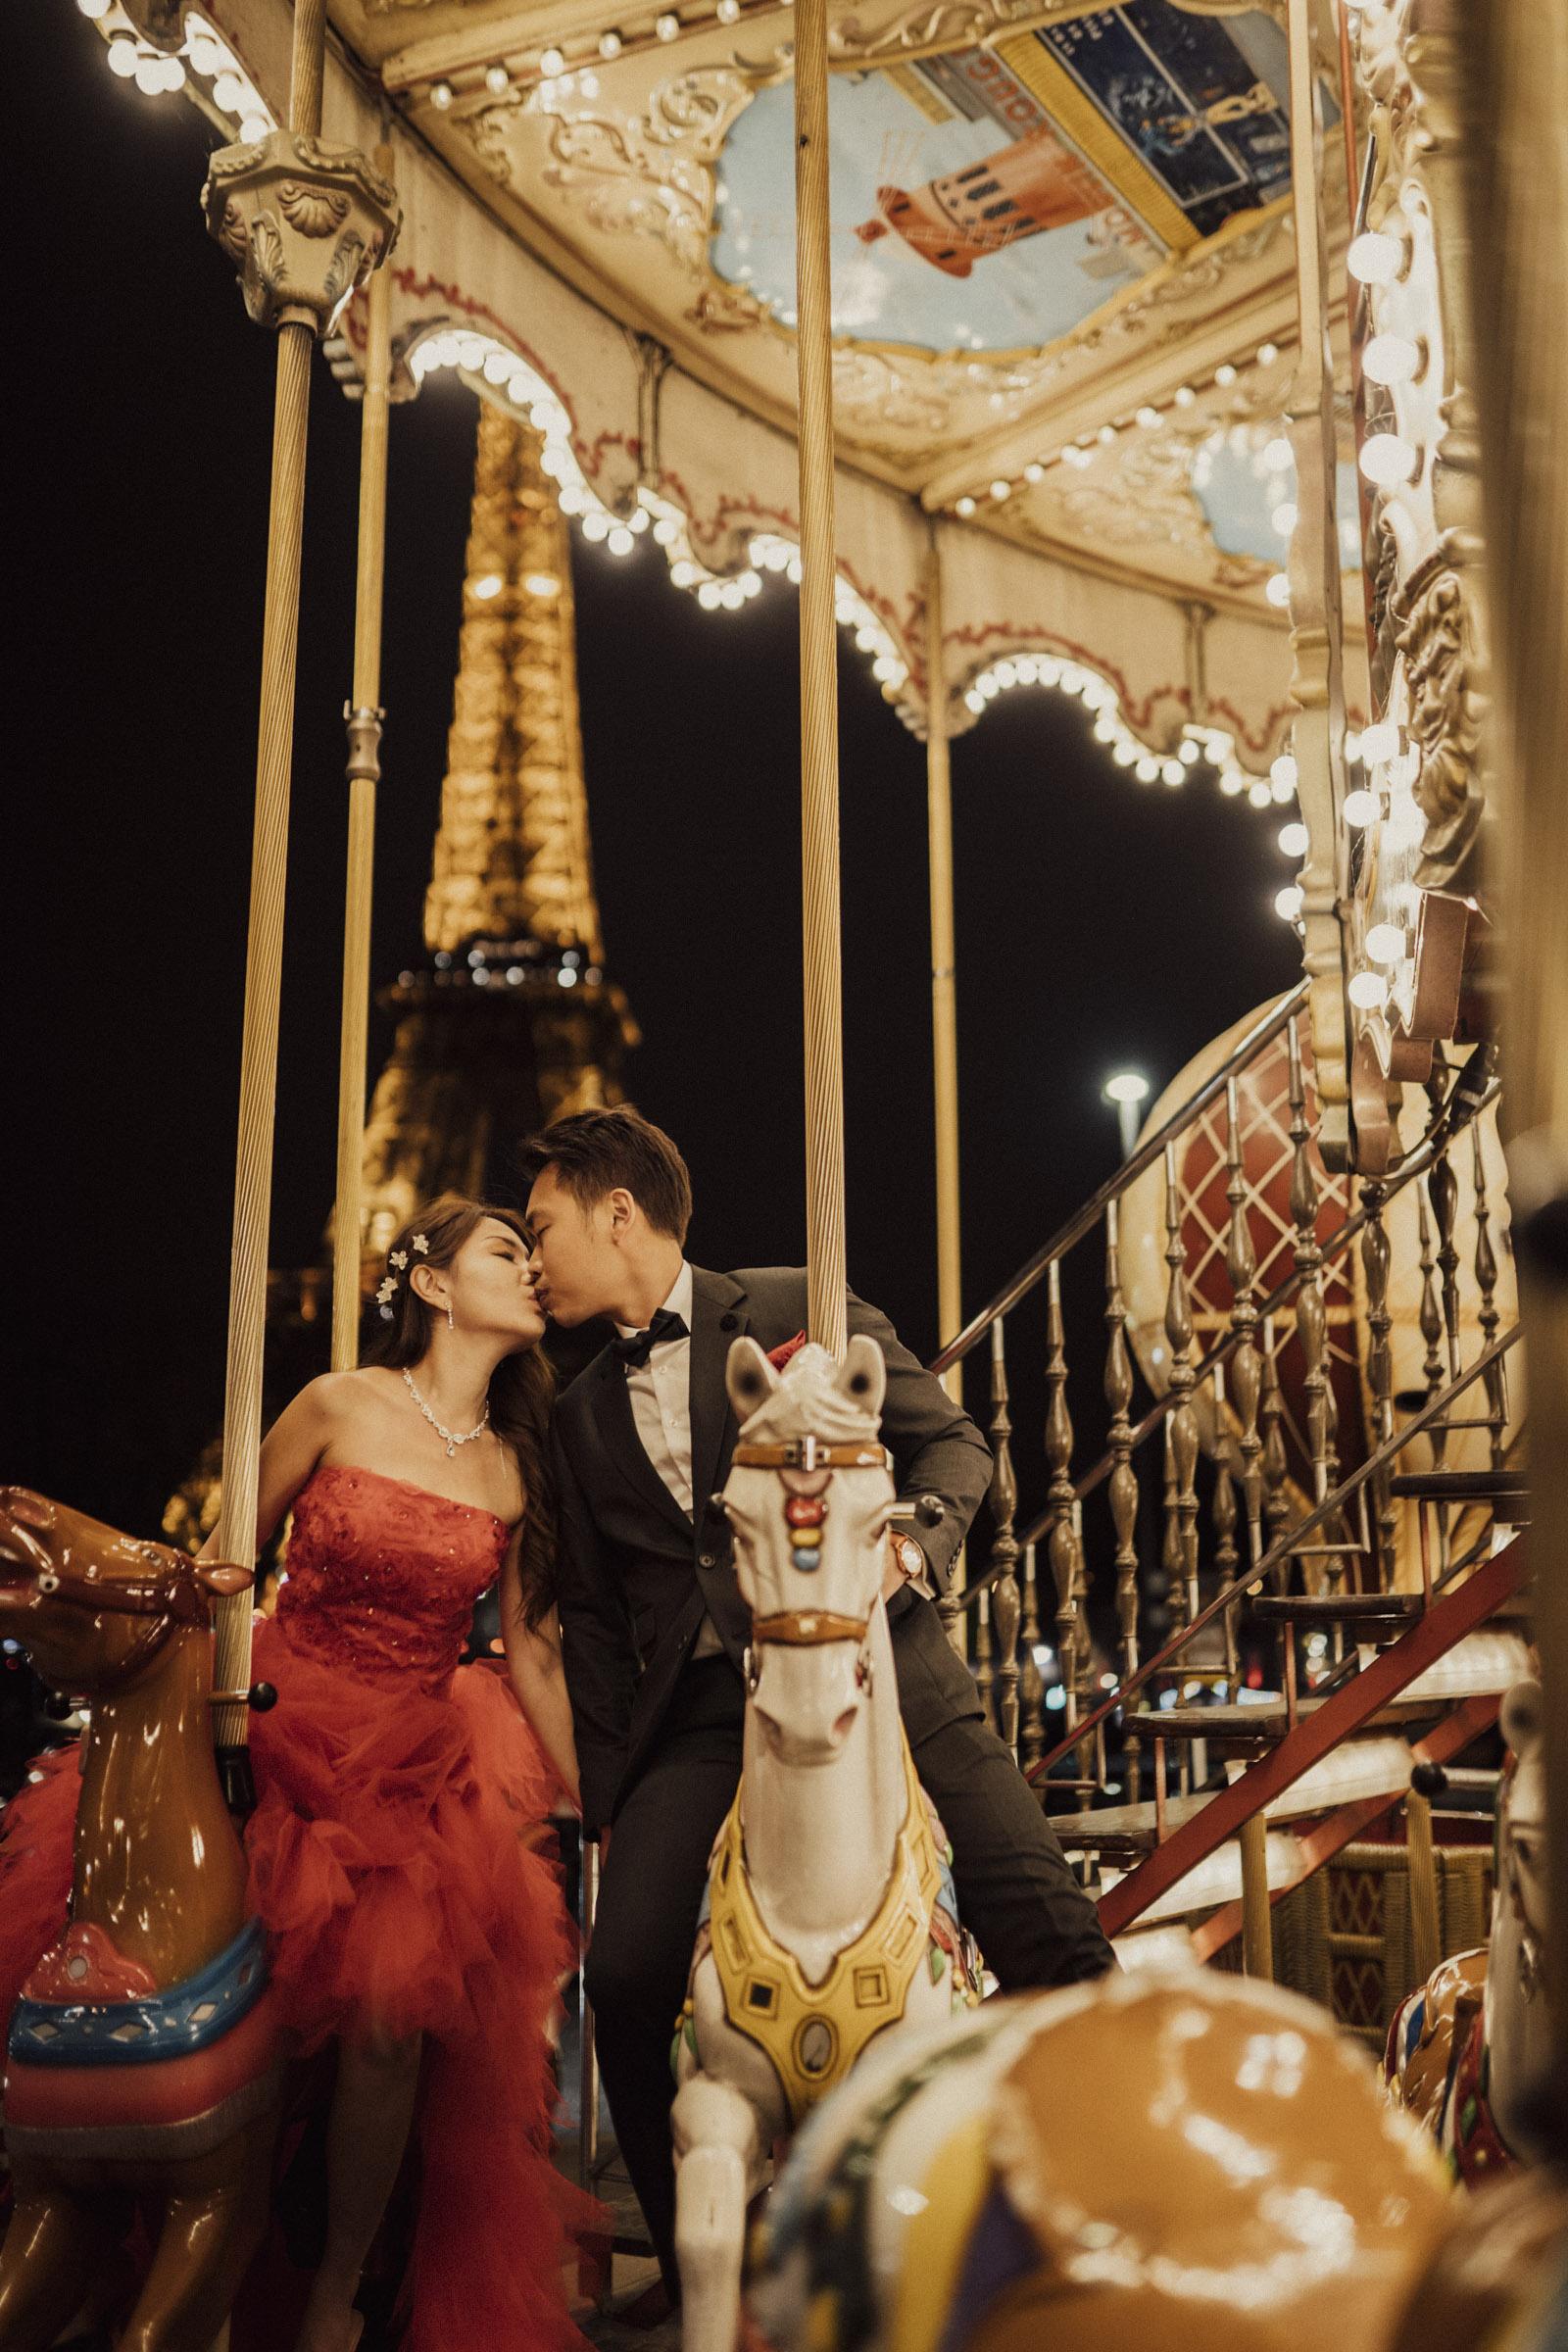 pre-wedding-photos-paris-at-night